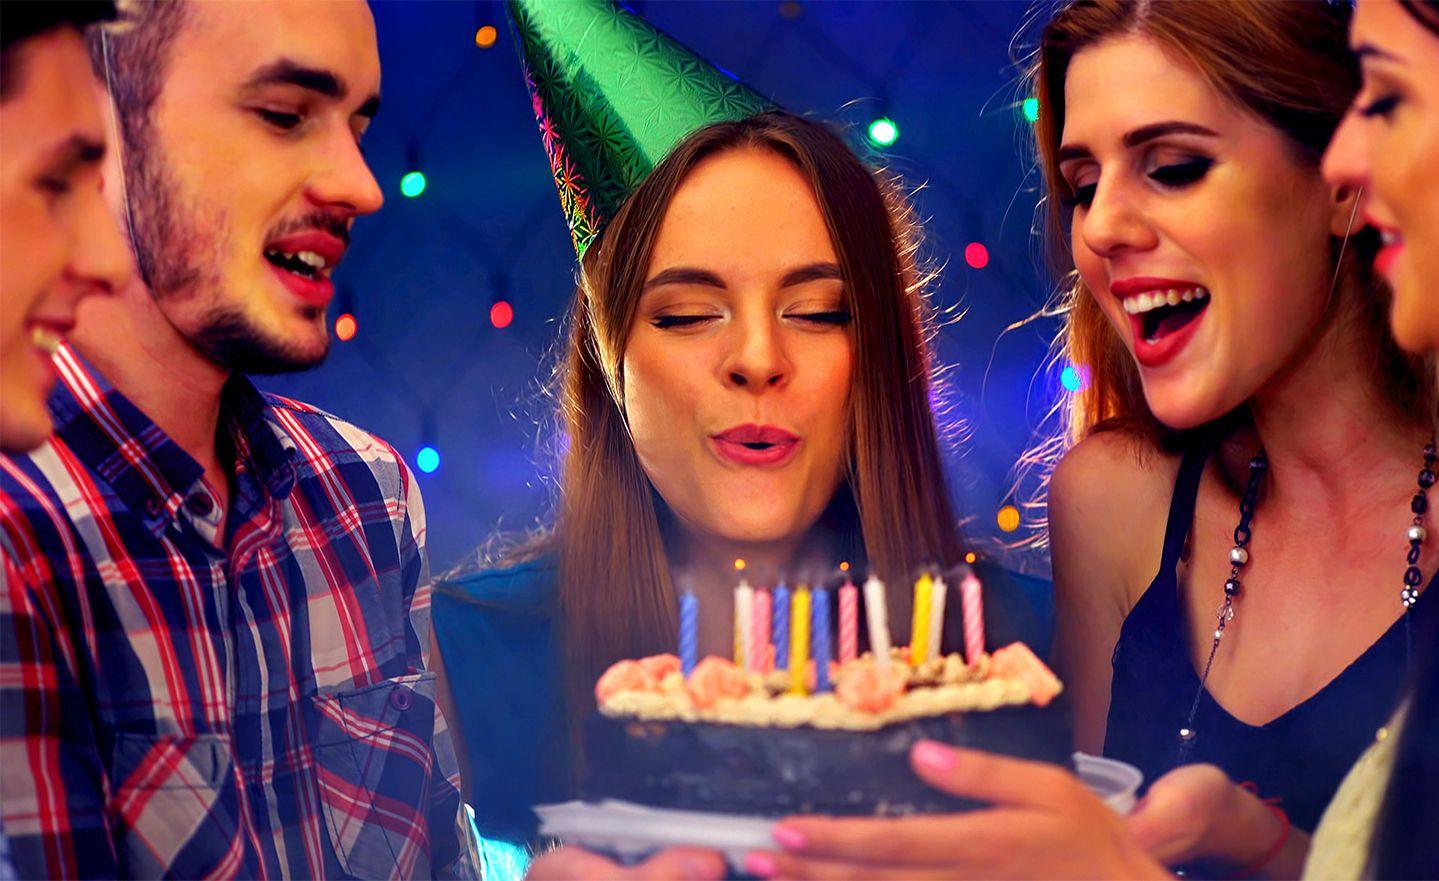 Joyeux anniversaire citations pour meilleur ami 2